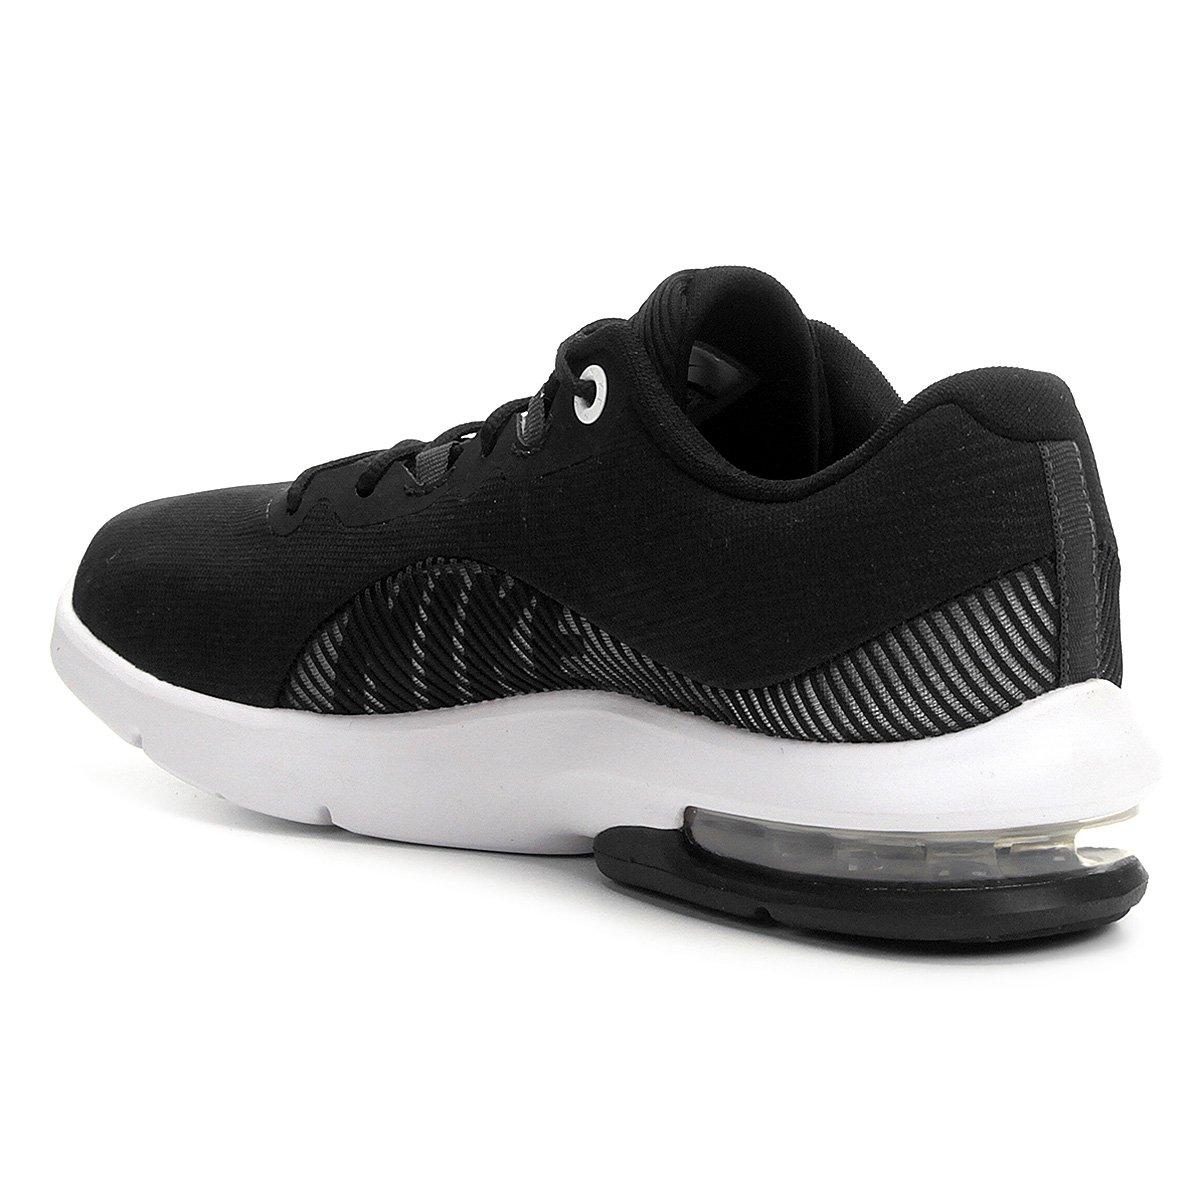 2 Max Advantage Air Preto Branco Tênis e Feminino Nike qwOTfS